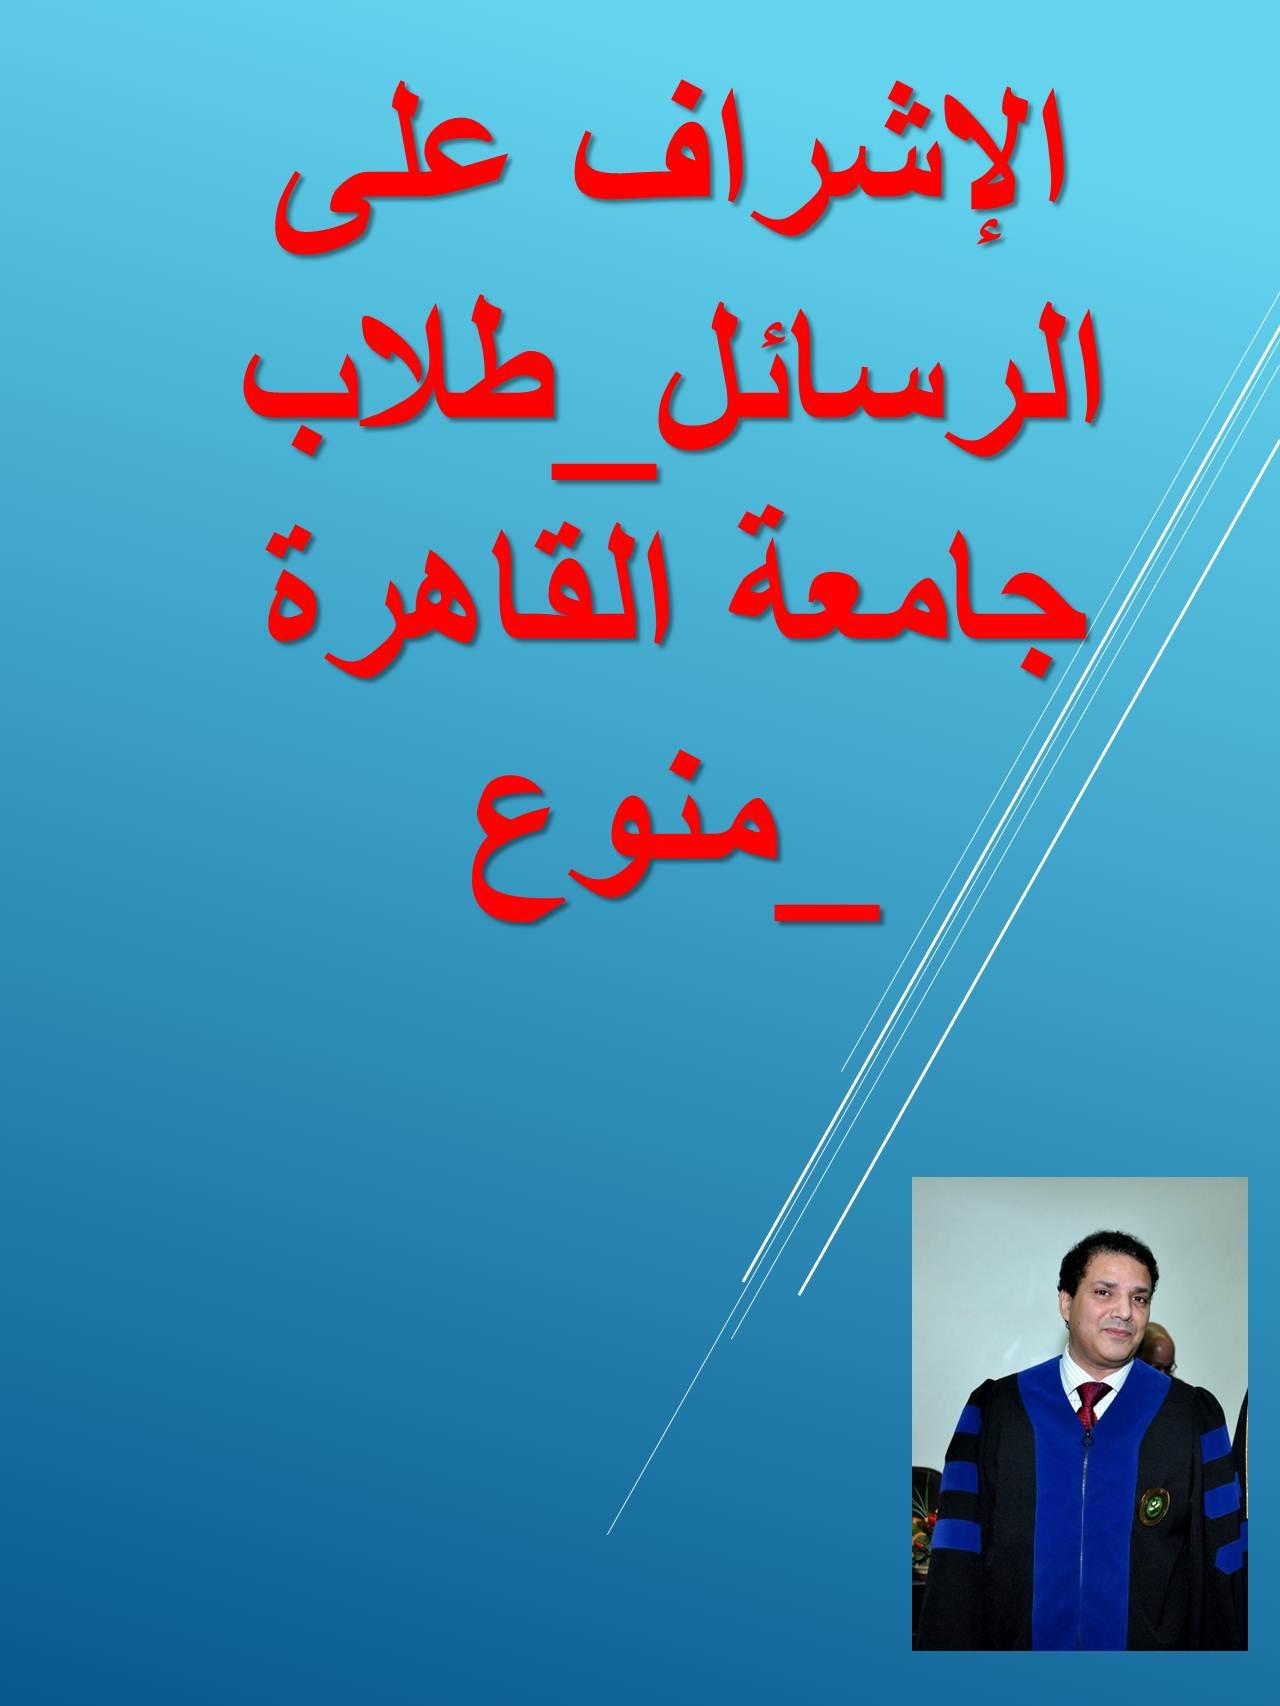 الإشراف_طلاب جامعة القاهرة_منوع